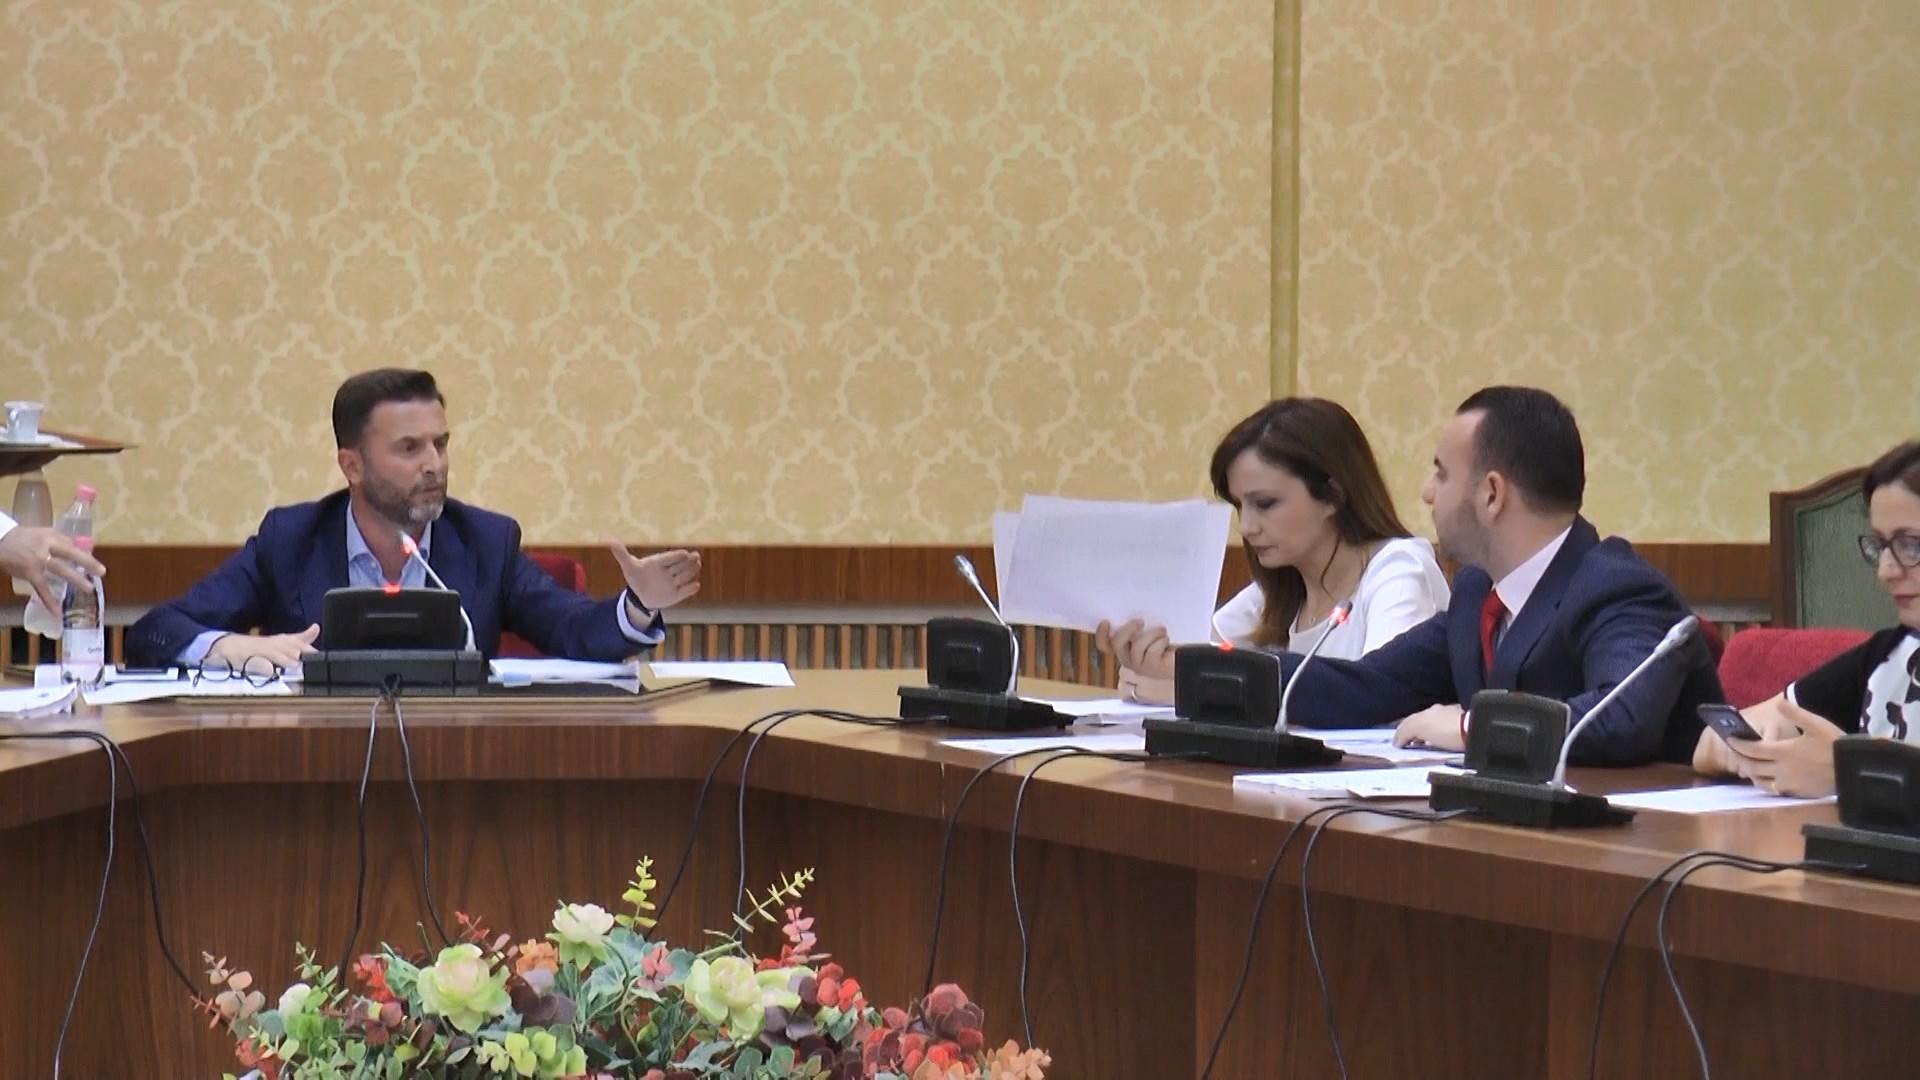 PD: Me Xhafajn ministër shanset për hapjen e negociatave janë zero